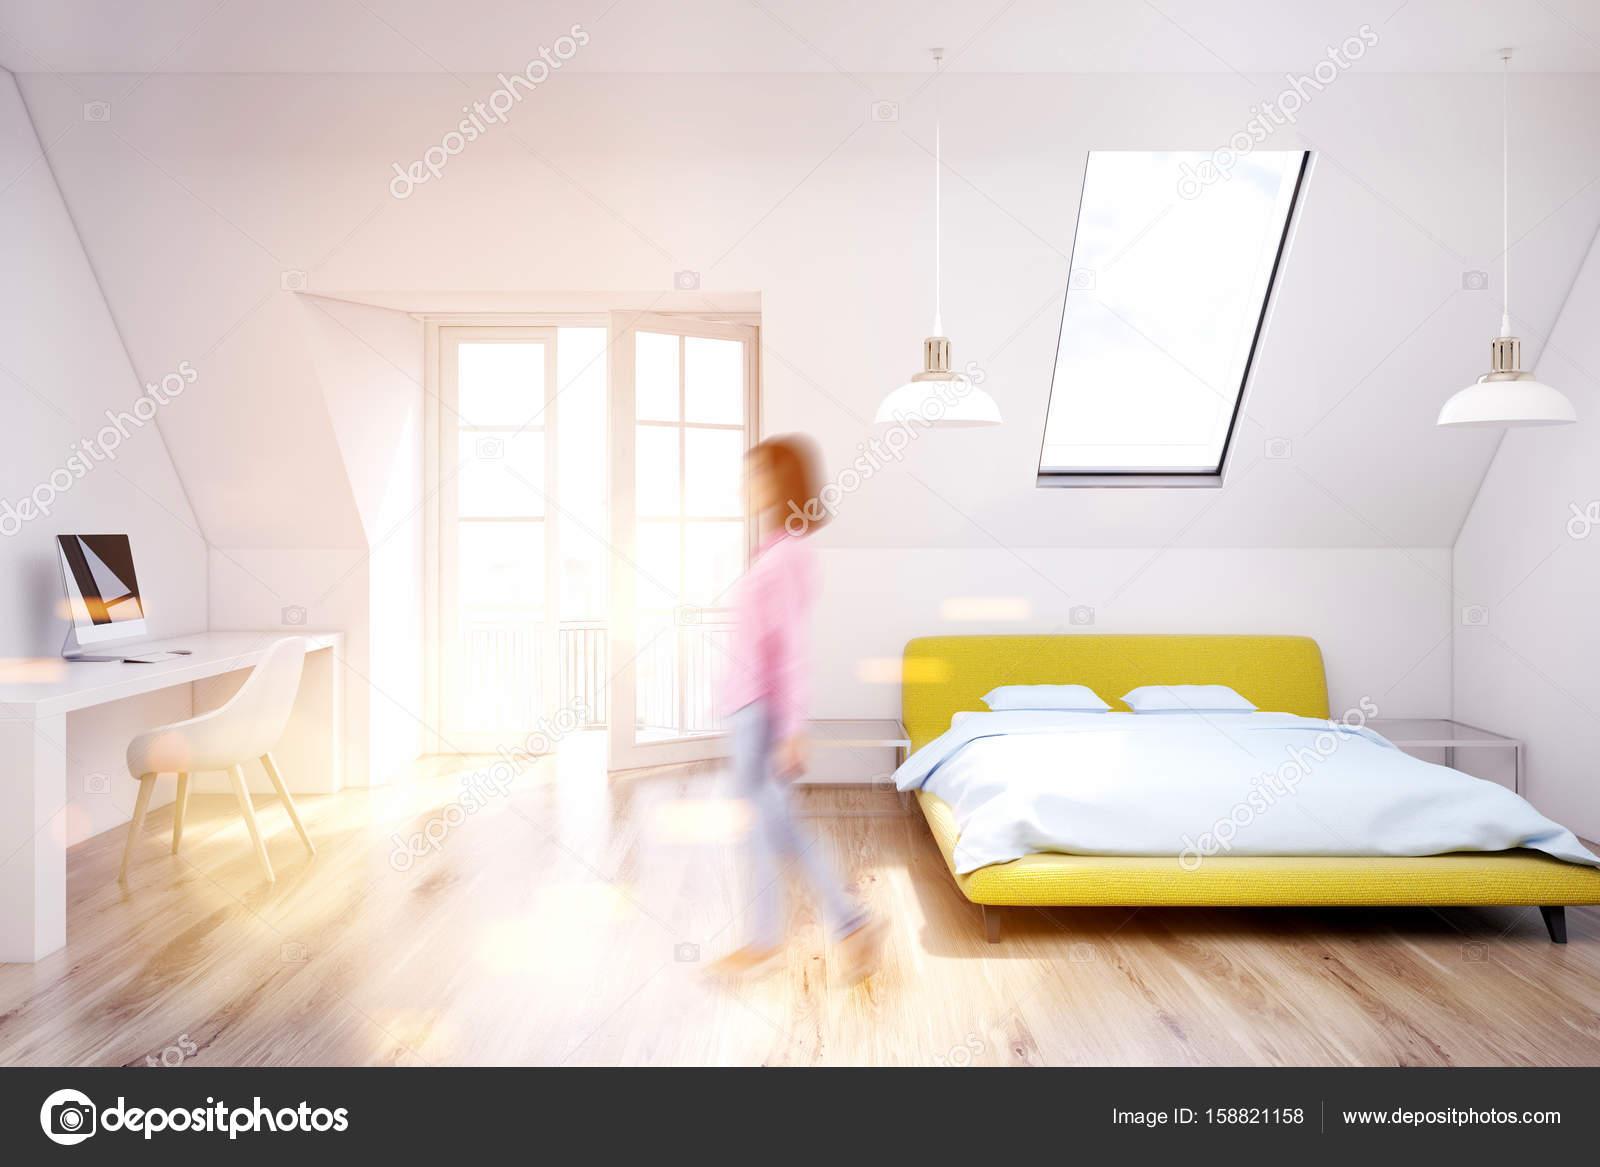 https://st3.depositphotos.com/2673929/15882/i/1600/depositphotos_158821158-stockafbeelding-witte-zolder-slaapkamer-houten-vloer.jpg